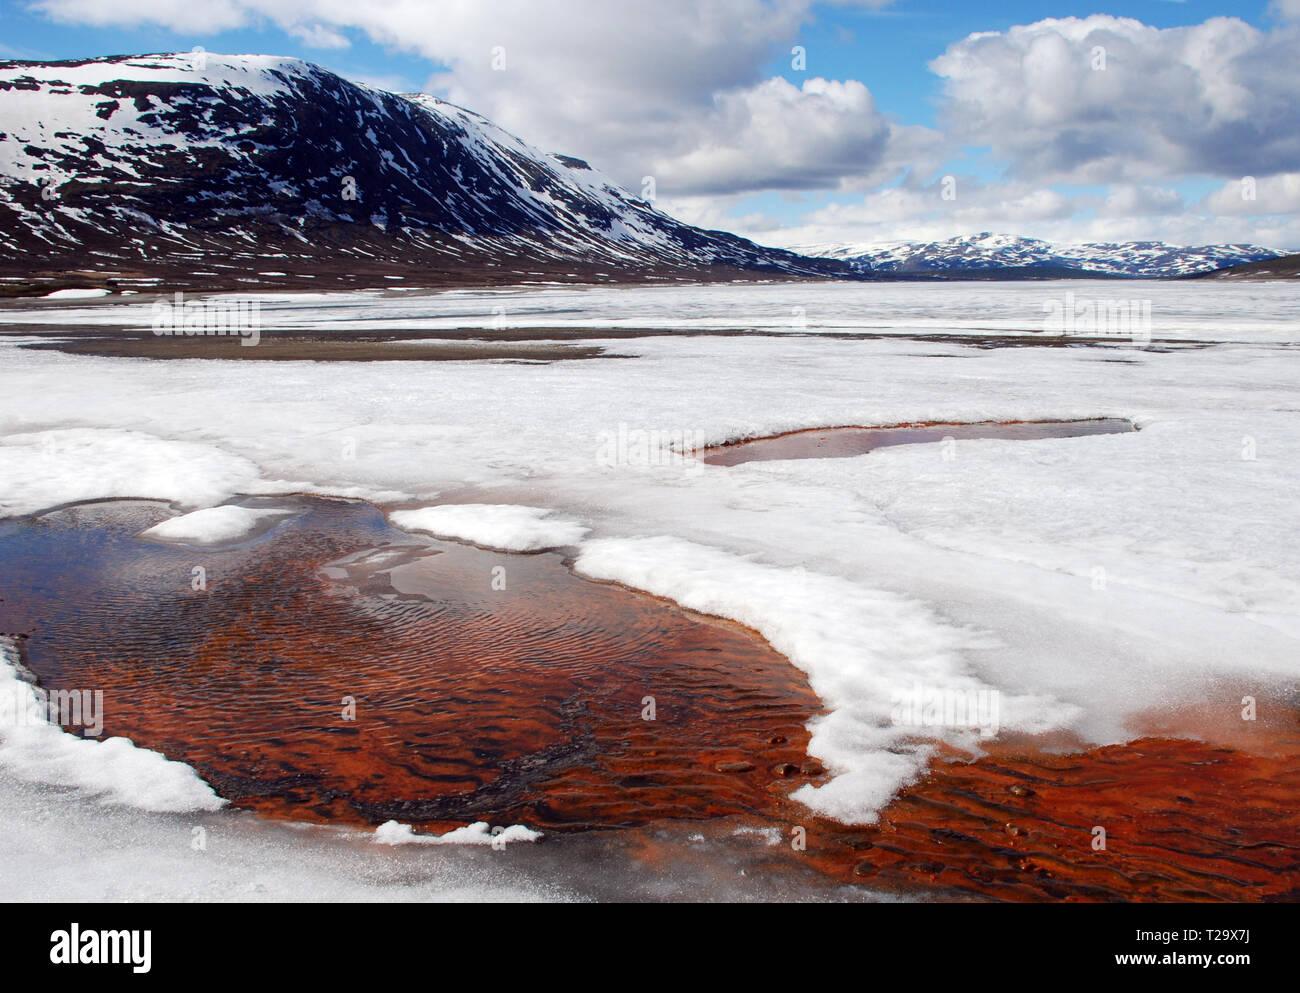 Jotunheimen National Park in Norway - Stock Image